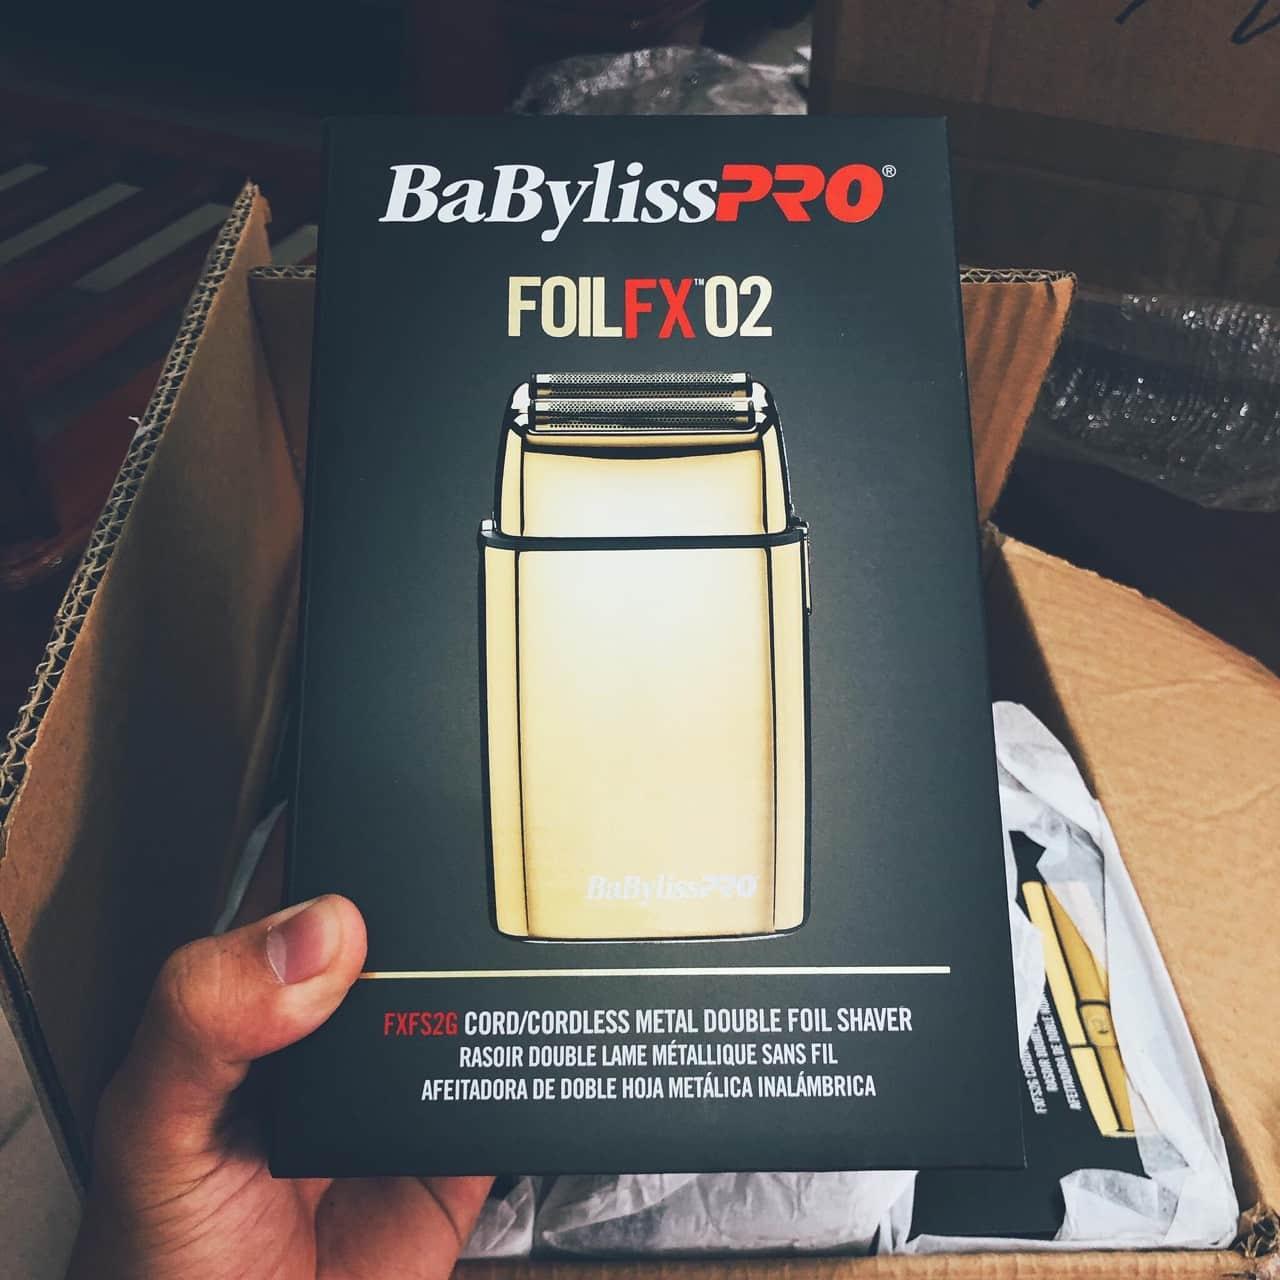 Cạo khô BaByliss Pro